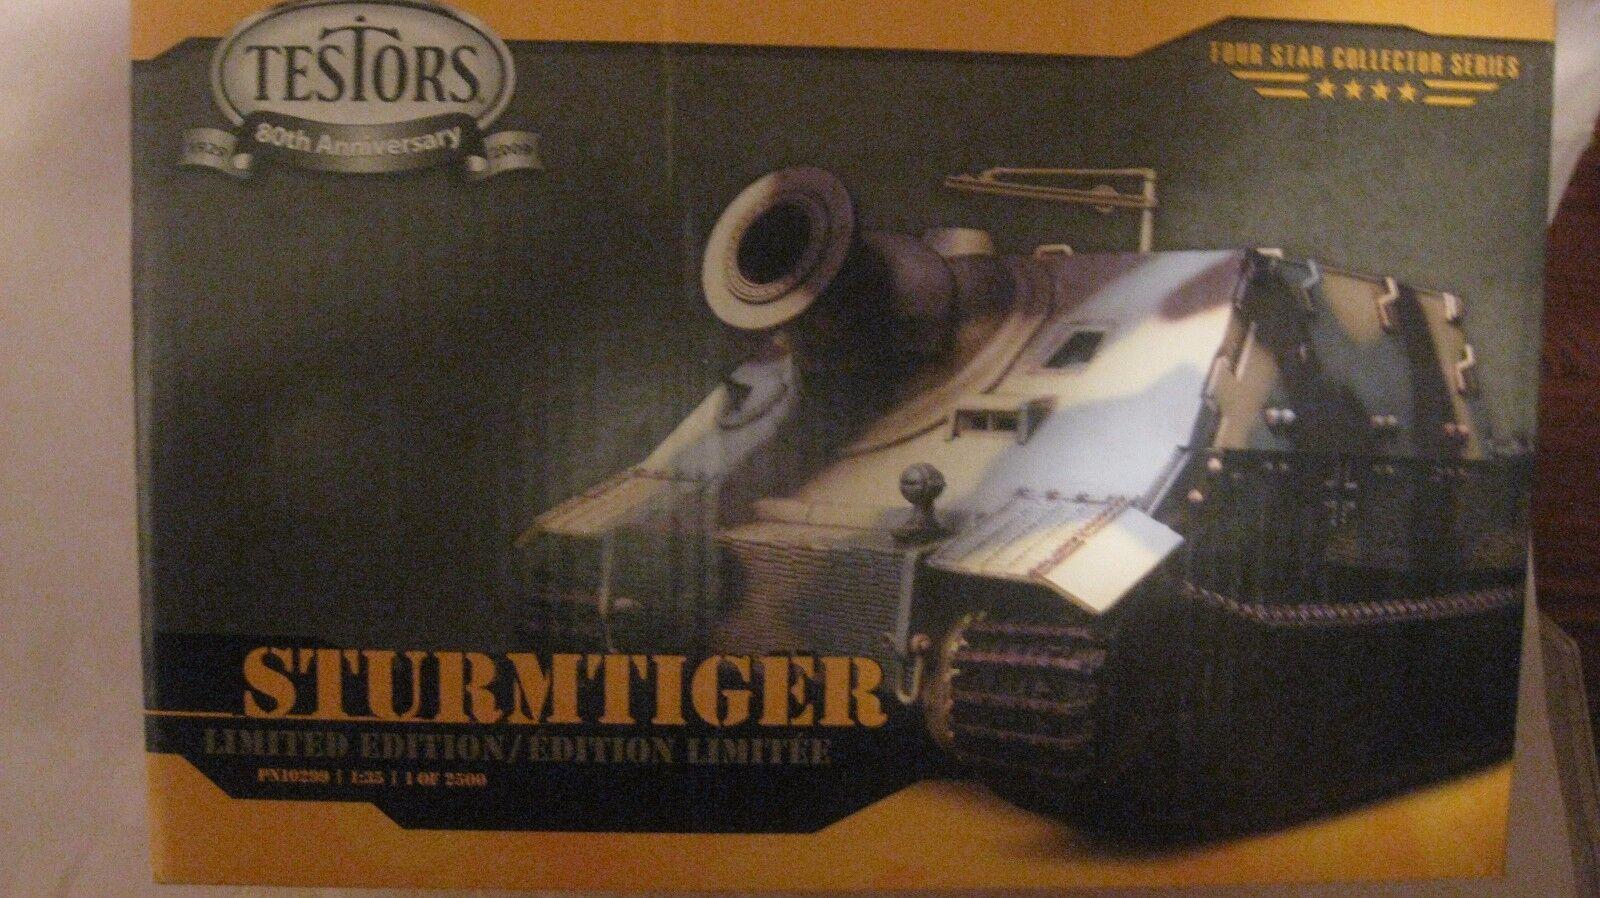 Sturmtiger Le Tanque Kit de Modelismo PN10299 135 Escala & Caja Exhibición